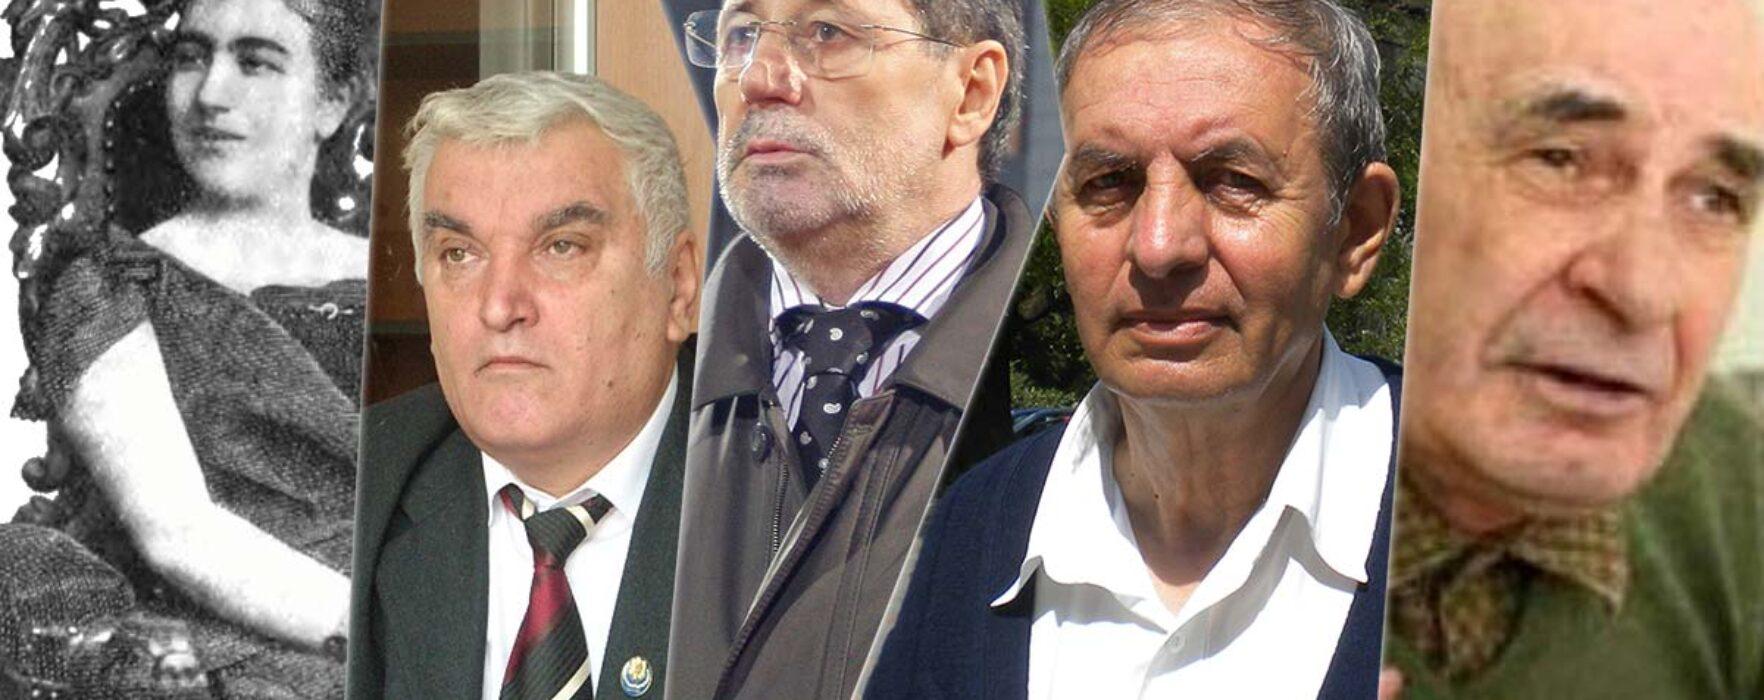 Cinci noi cetăţeni de onoare ai municipiului Târgovişte